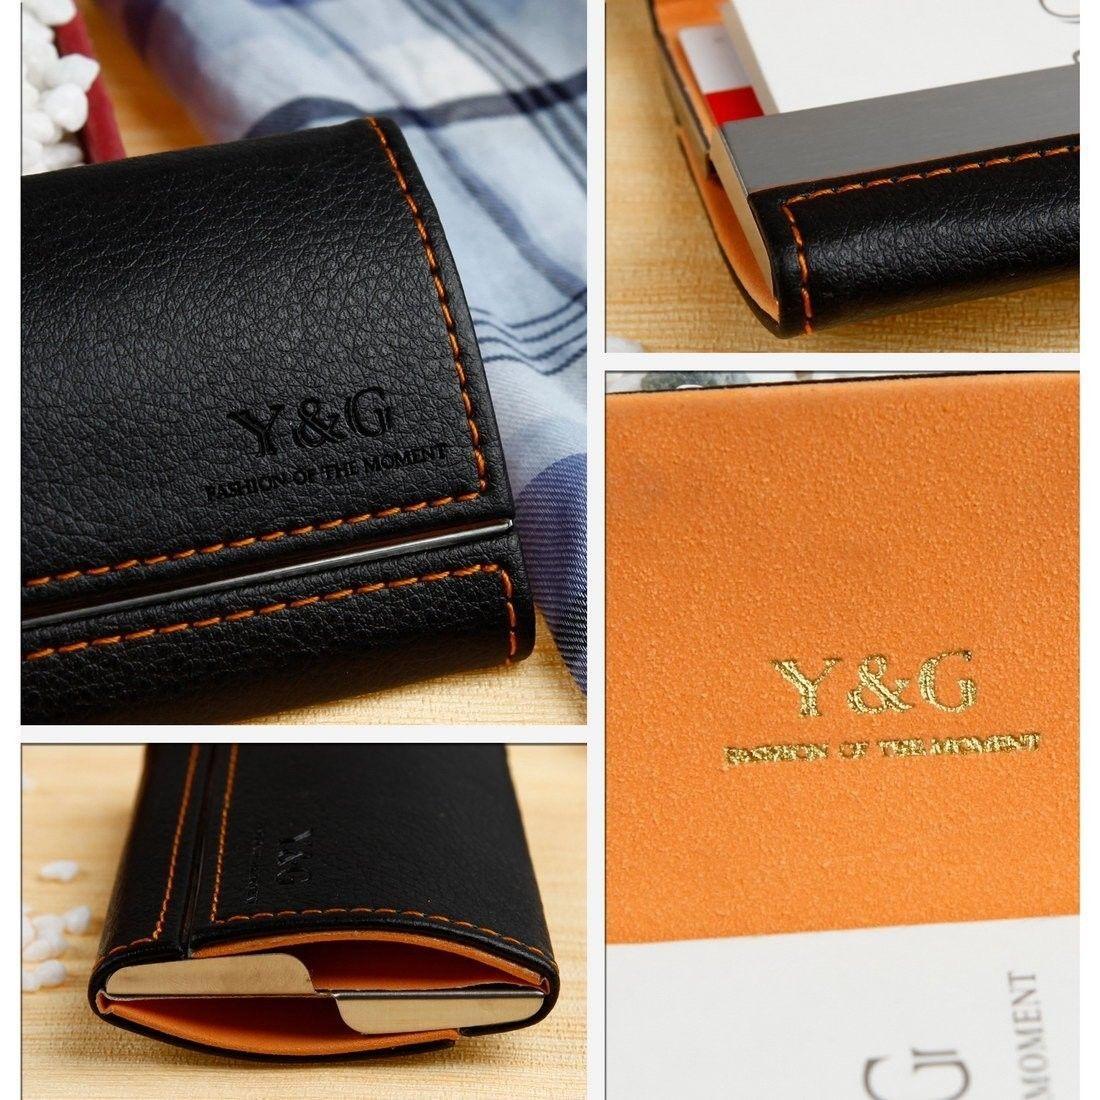 YDB01A03 Orange Black Business Card Holder For Men Inspirational Gift For Men